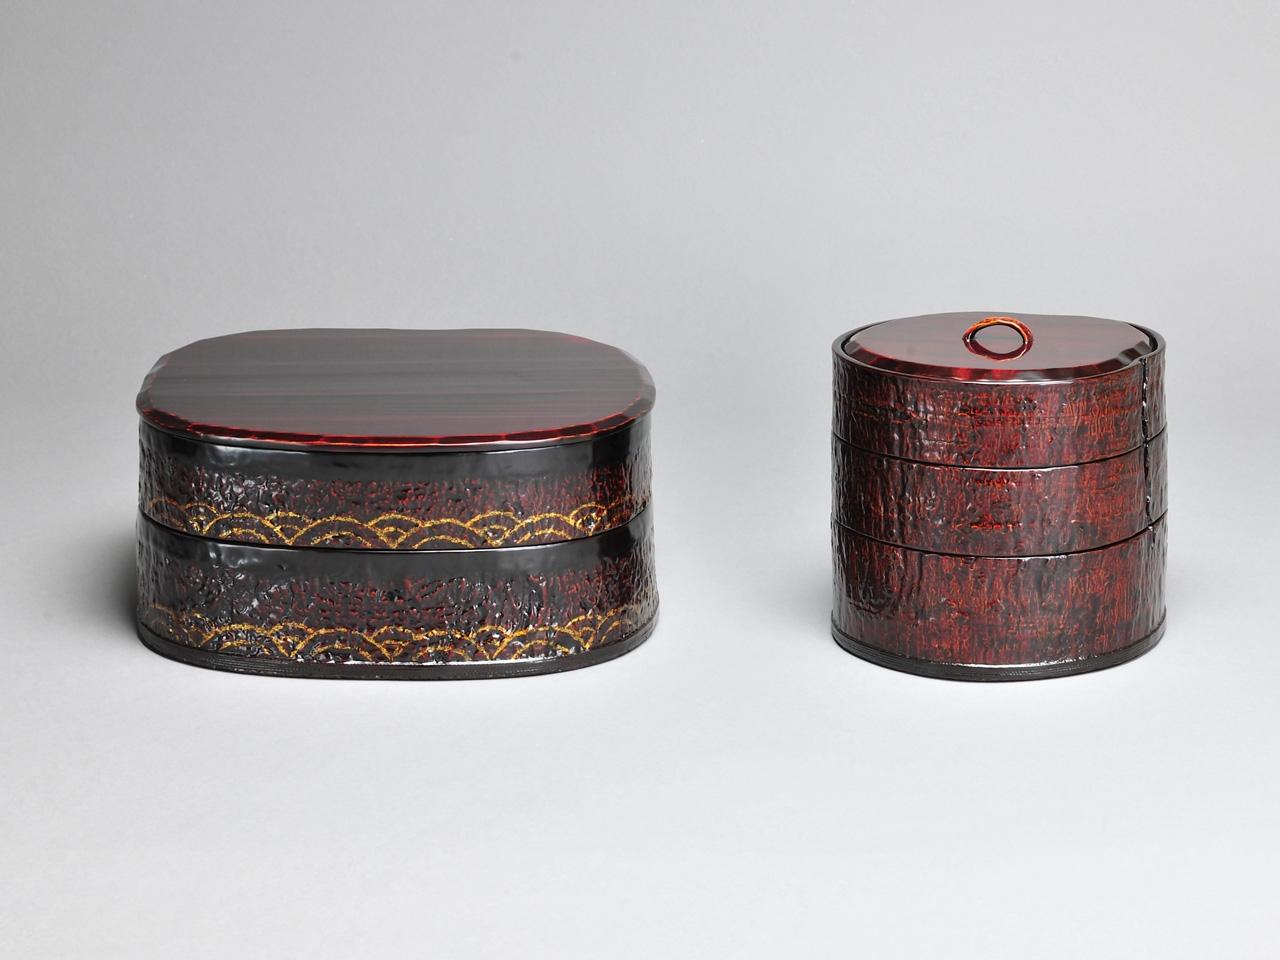 青海波文木皮二段重箱 / くるみ手木皮三段重箱